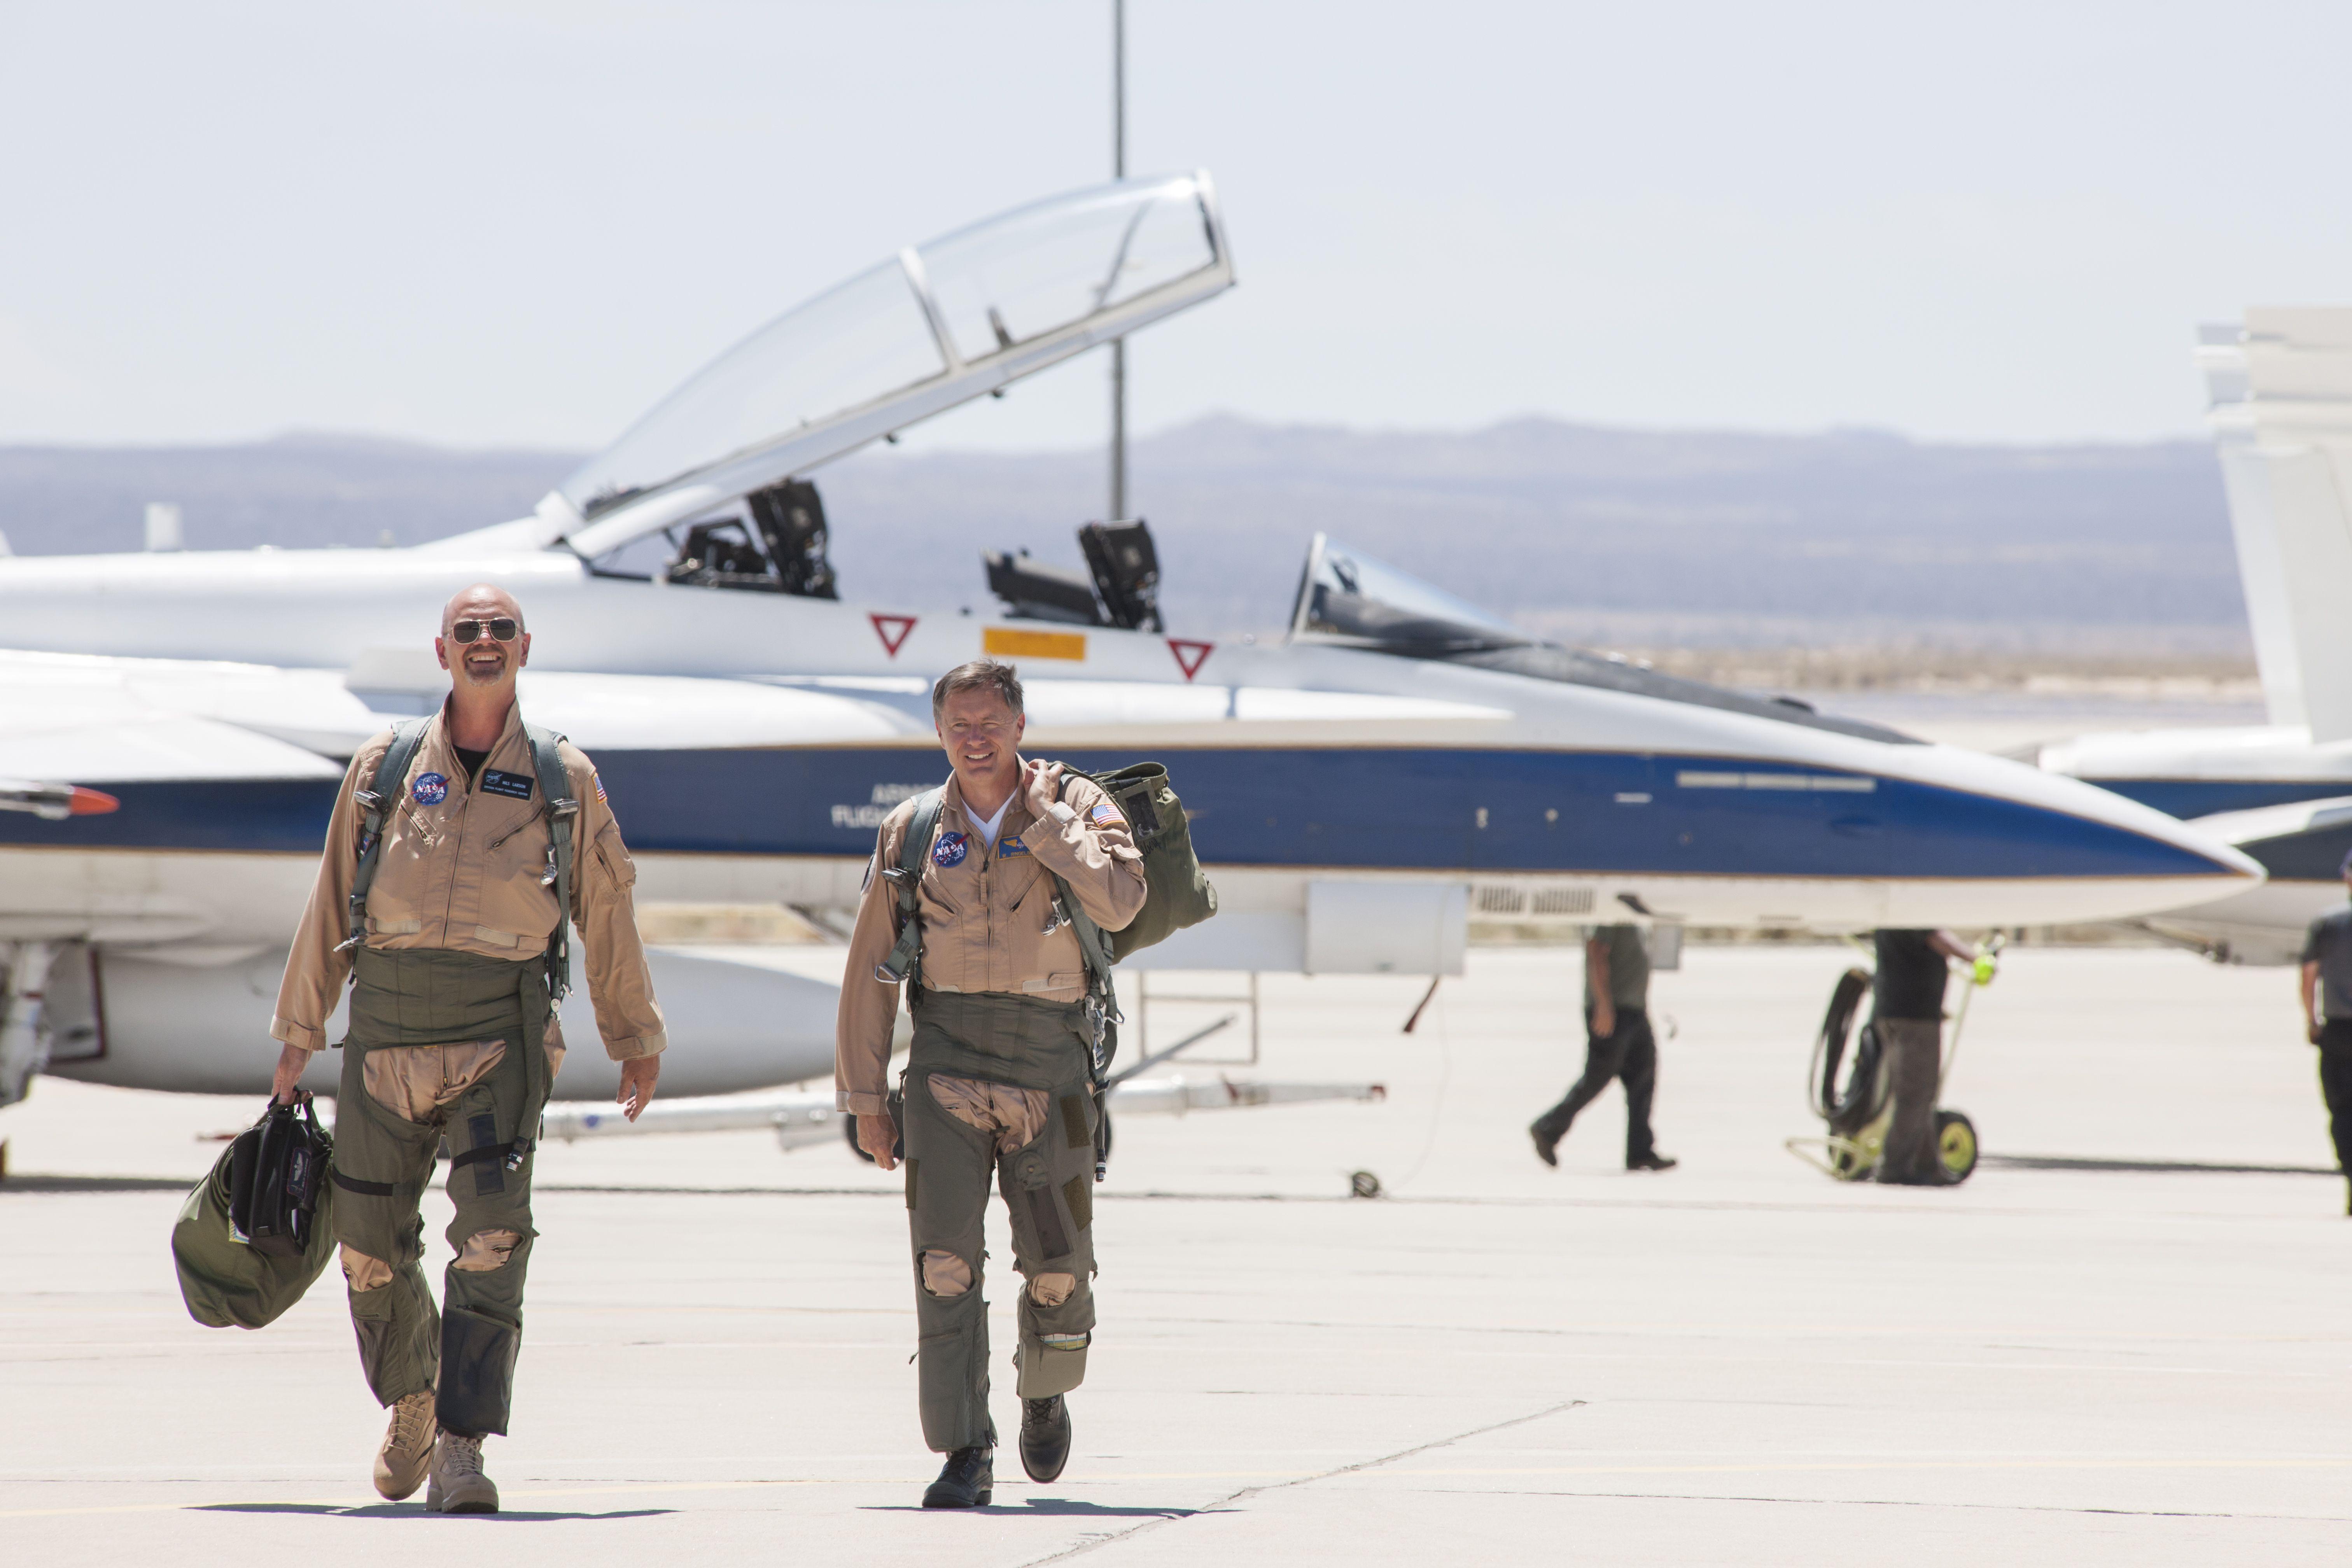 De Nasa en Lockheed Martin werken aan de ontwikkeling van een supersonisch vliegtuig dat ook commerciële mogelijkheden zou bieden.